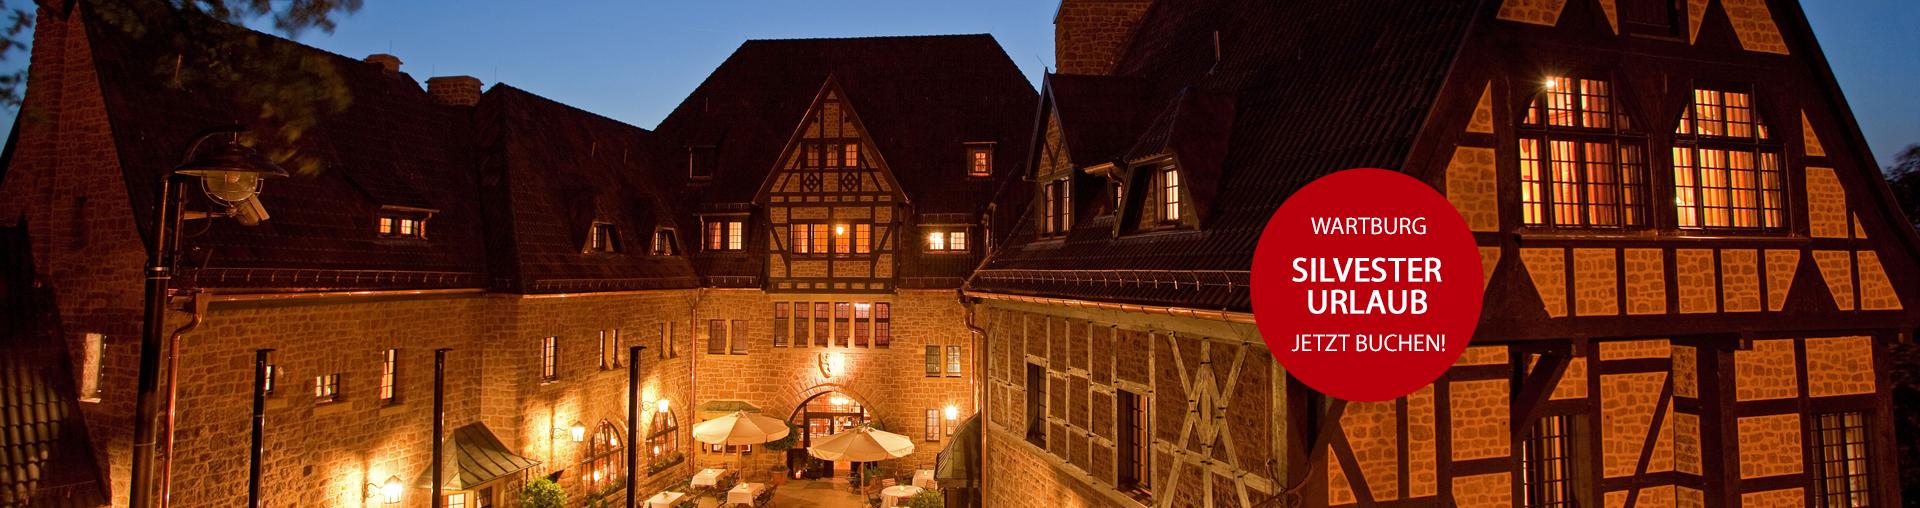 Angebot Silvester im Romantik Hotel auf der Wartburg in Eisenach